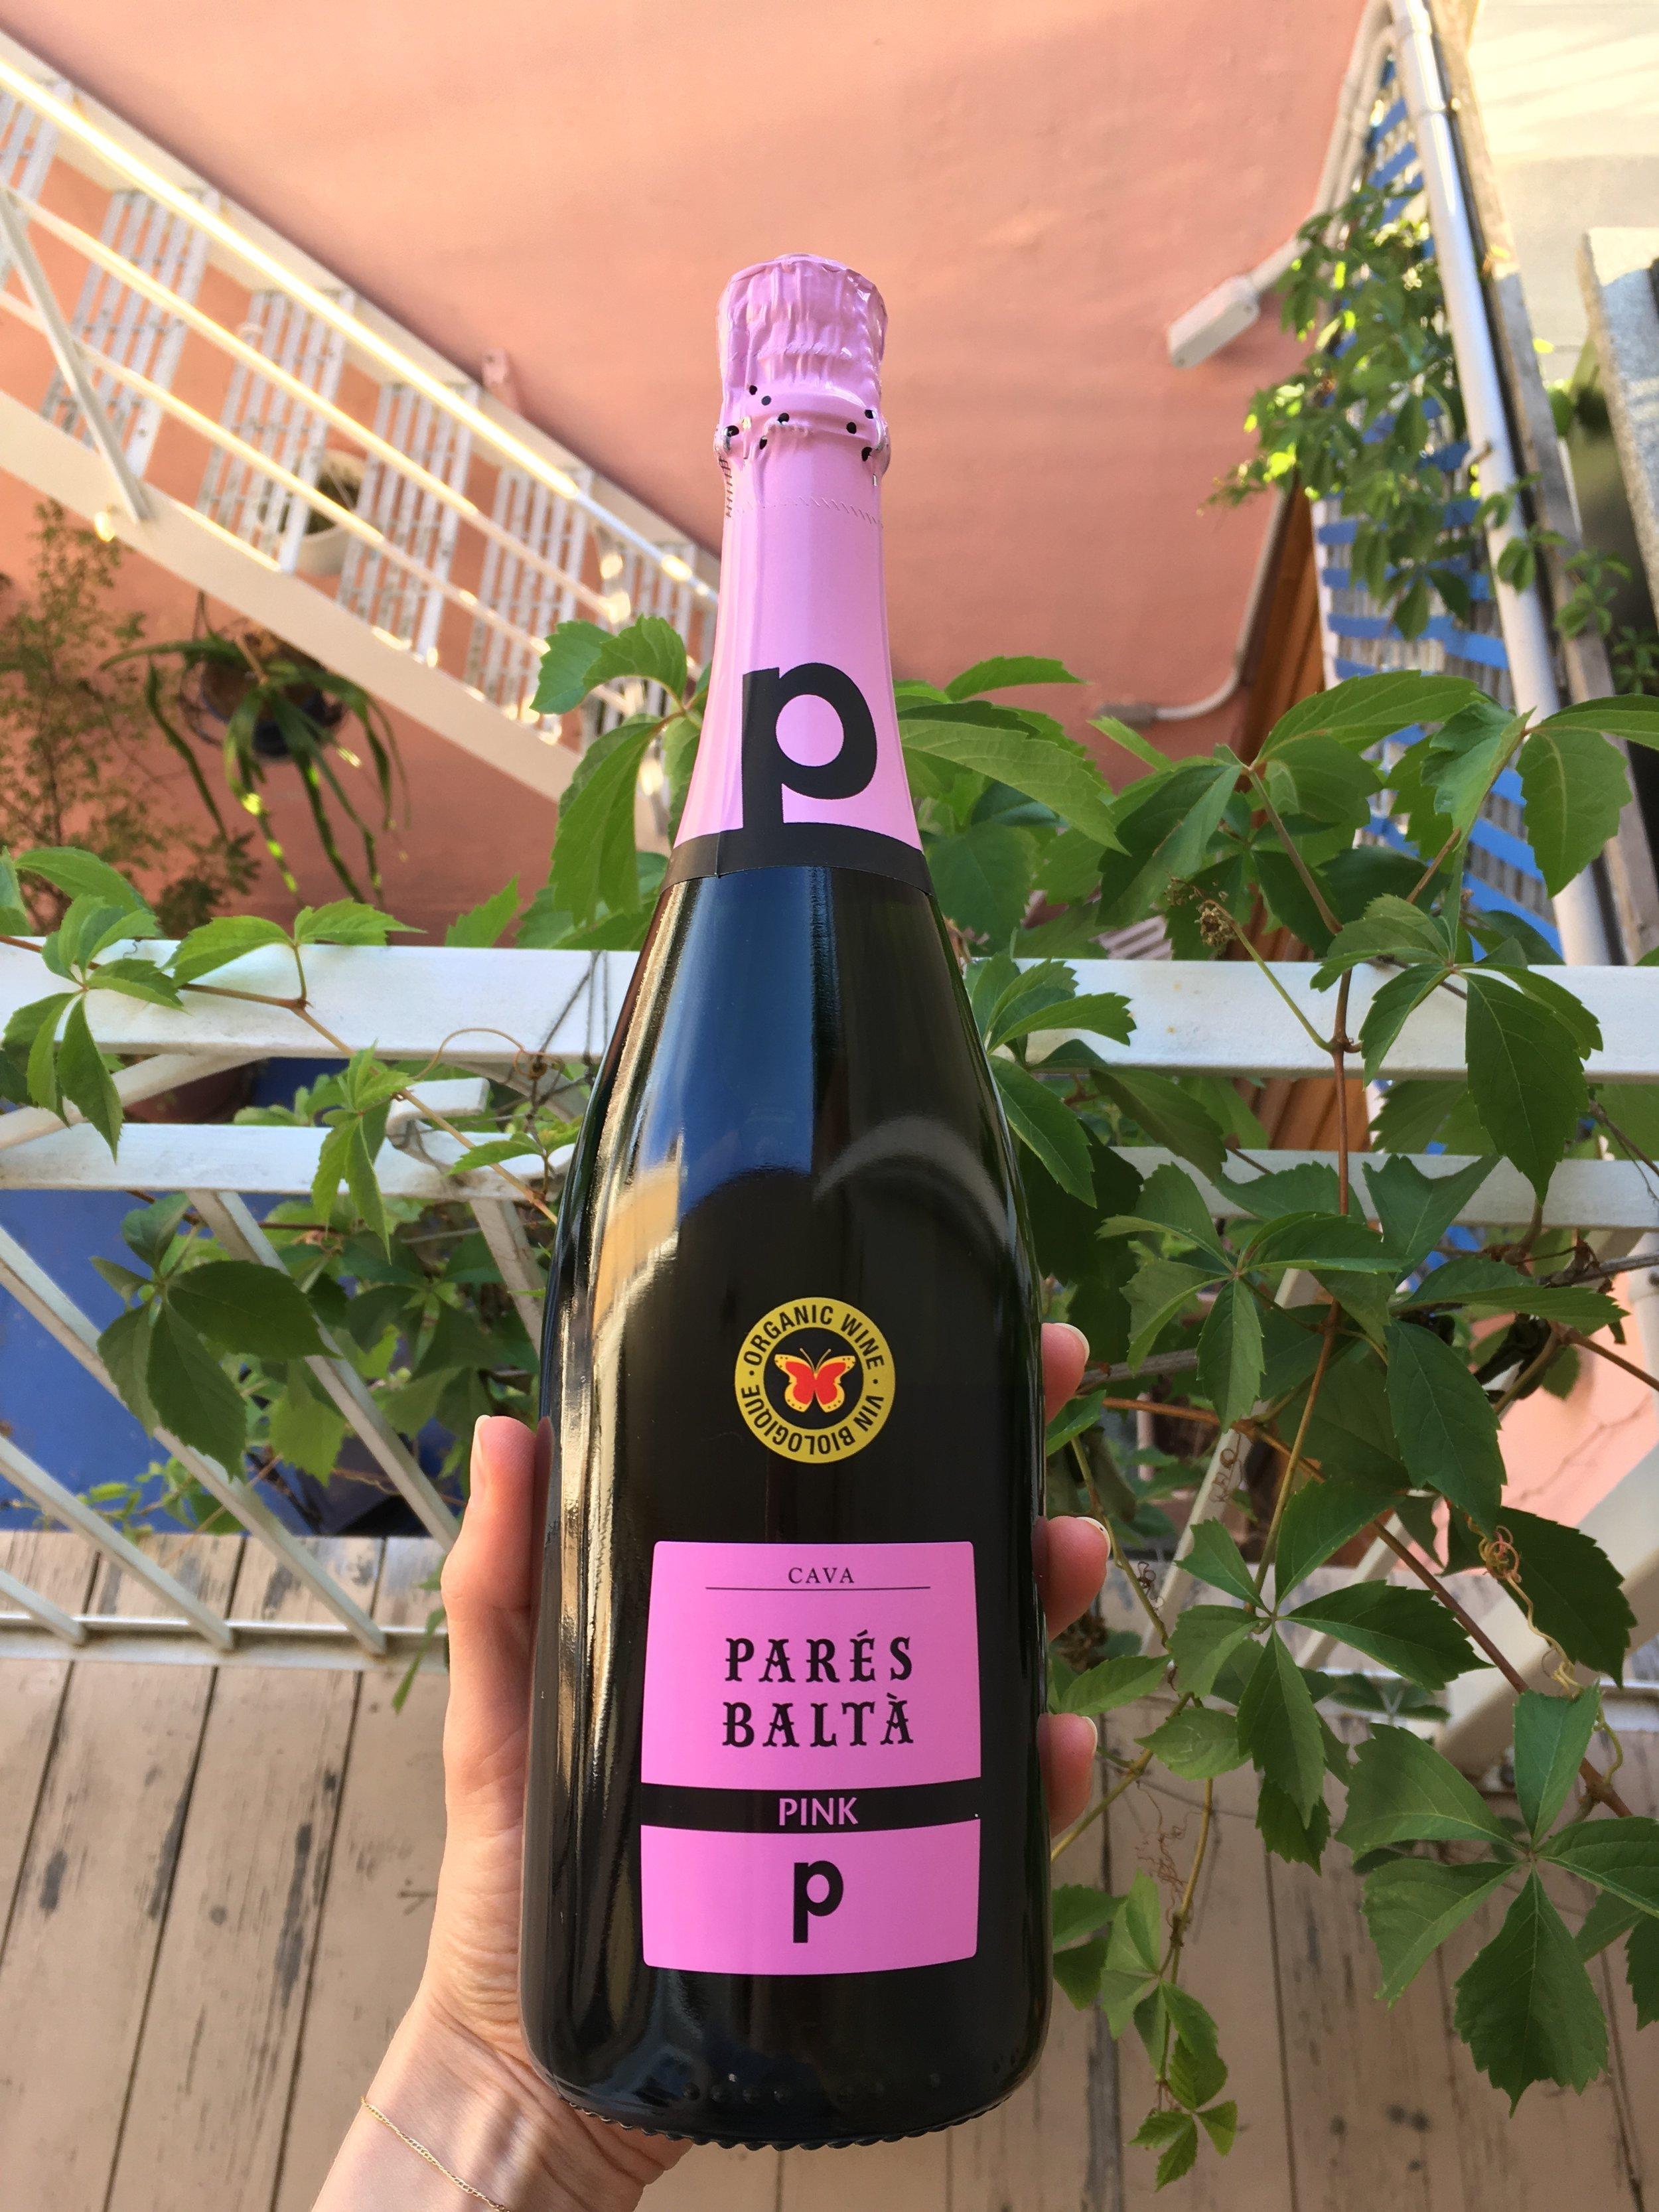 En vedette aujourd'hui, le Pink Cava de Parés Baltà. - Il est composé de grenache (38%), parellada (32%) et maccabeu (30%), tous trois des cépages indigènes.La seconde fermentation se fait en bouteille, comme en Champagne (méthode traditionnelle).En SAQ à 17,70$.